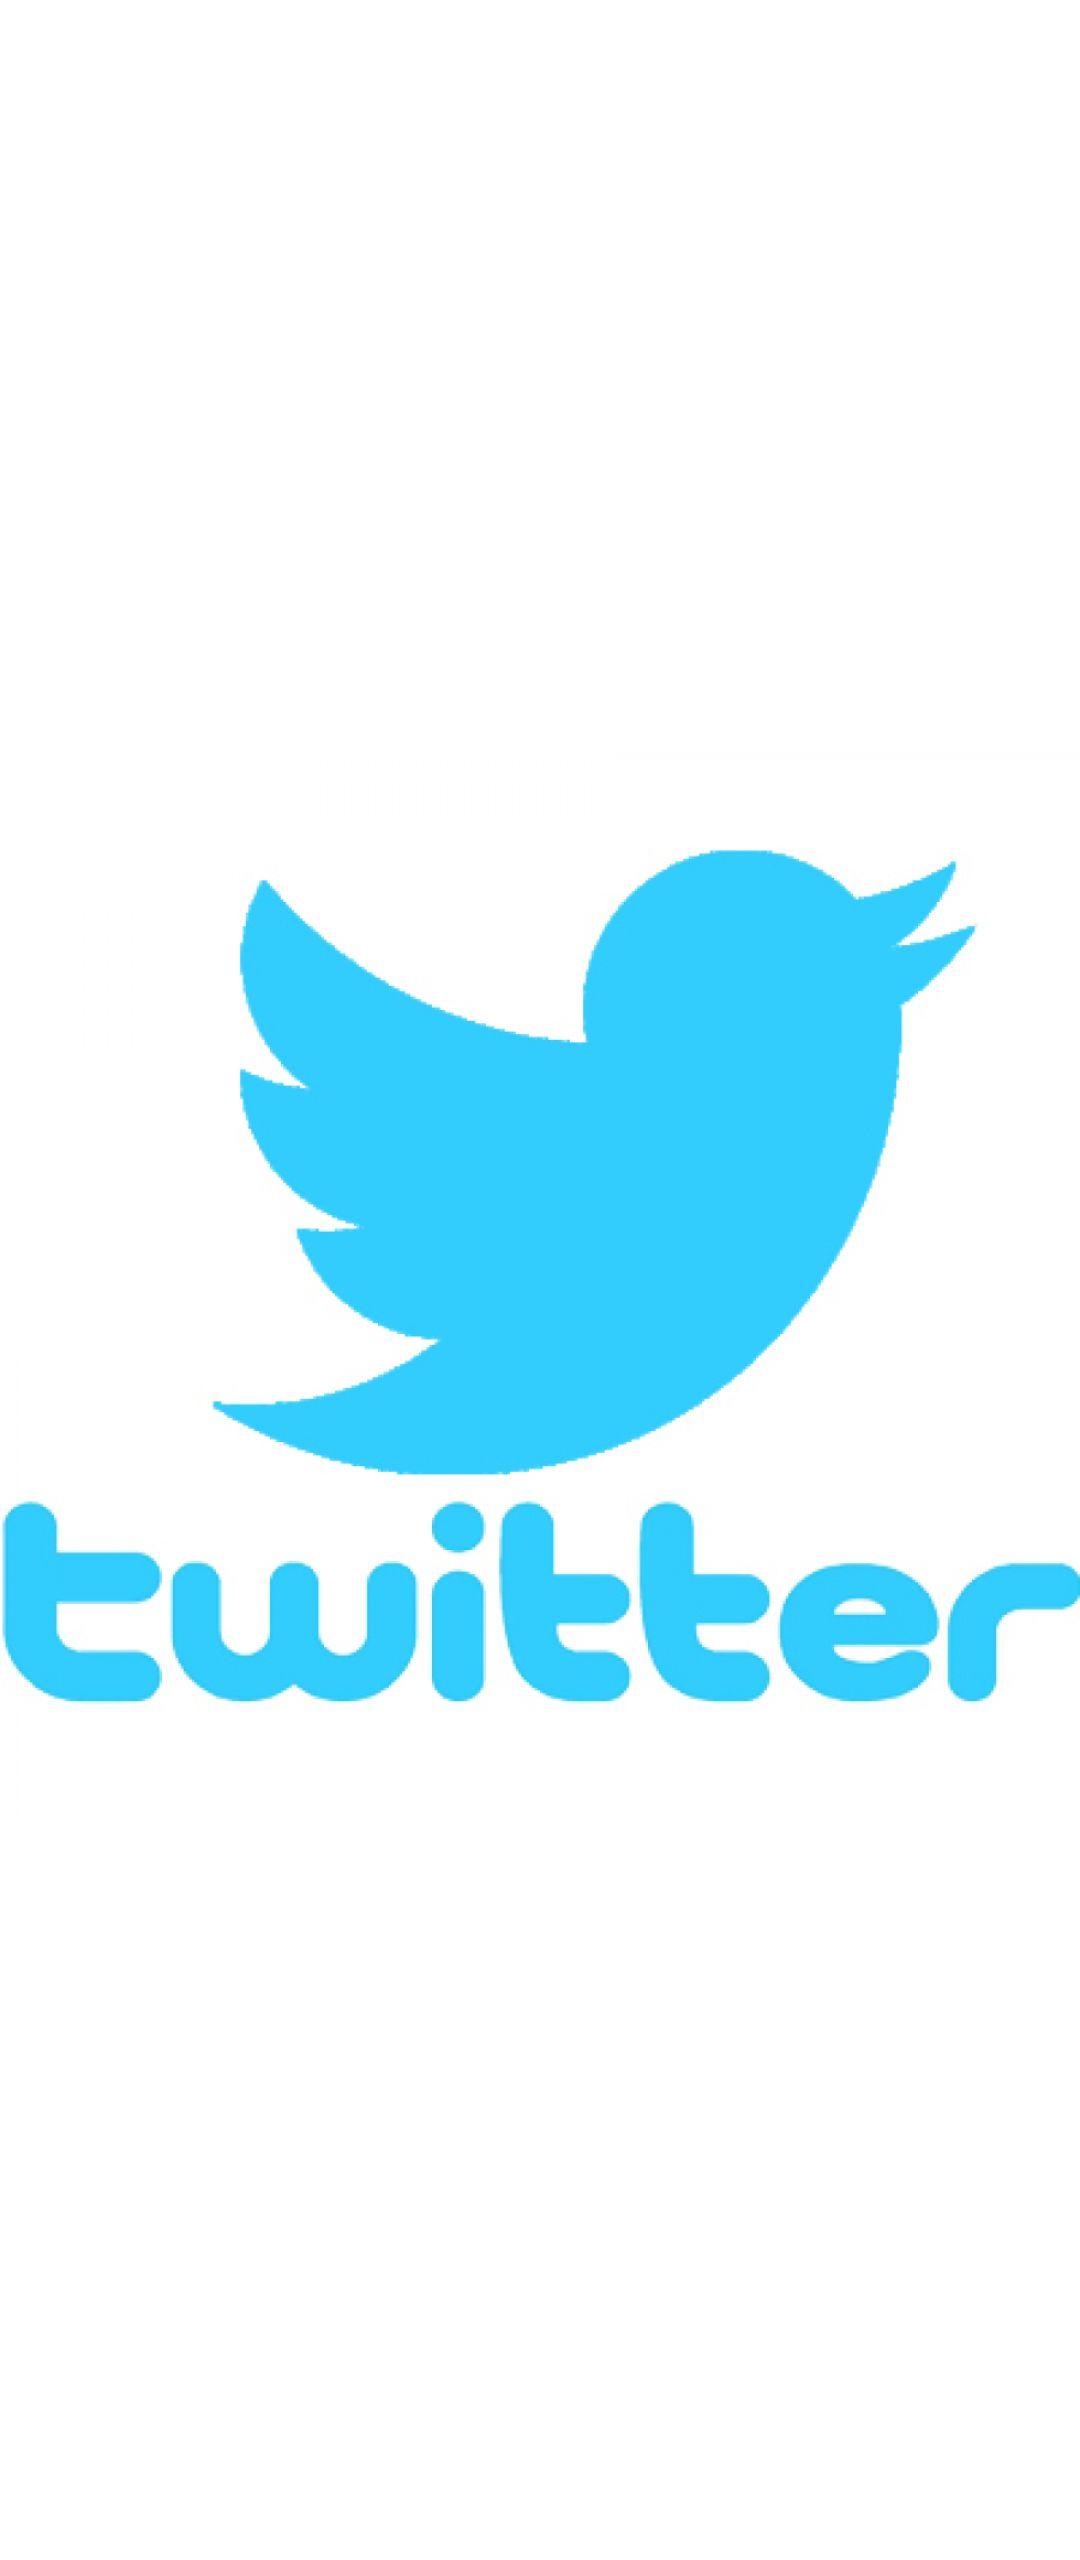 Twitter permitirá guardar tuits para leerlos más tarde